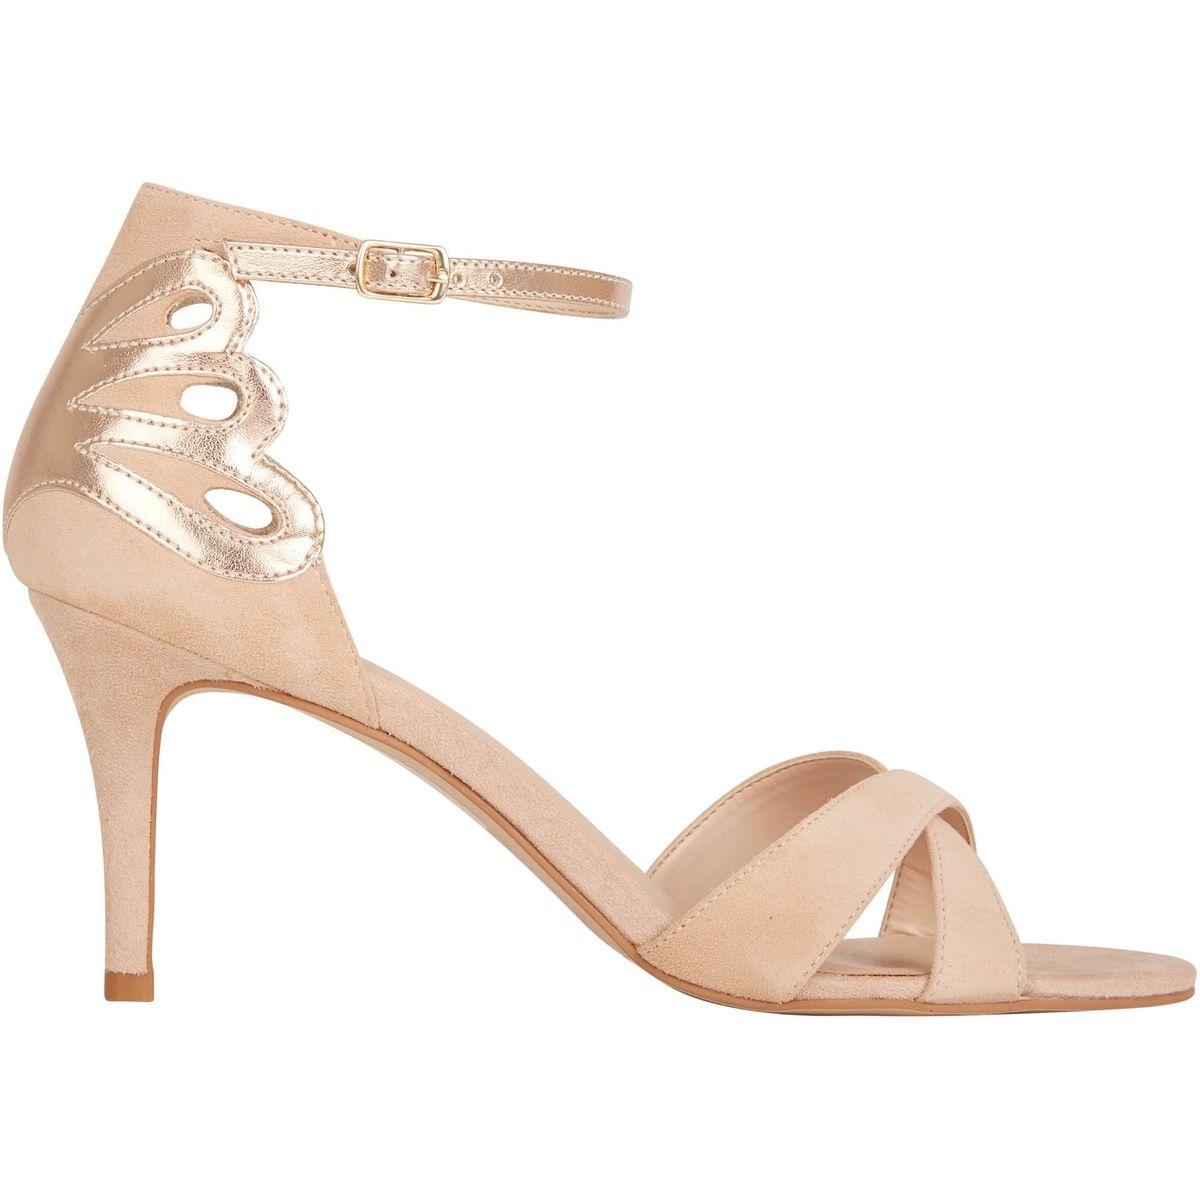 Sandales en cuir fantaisie